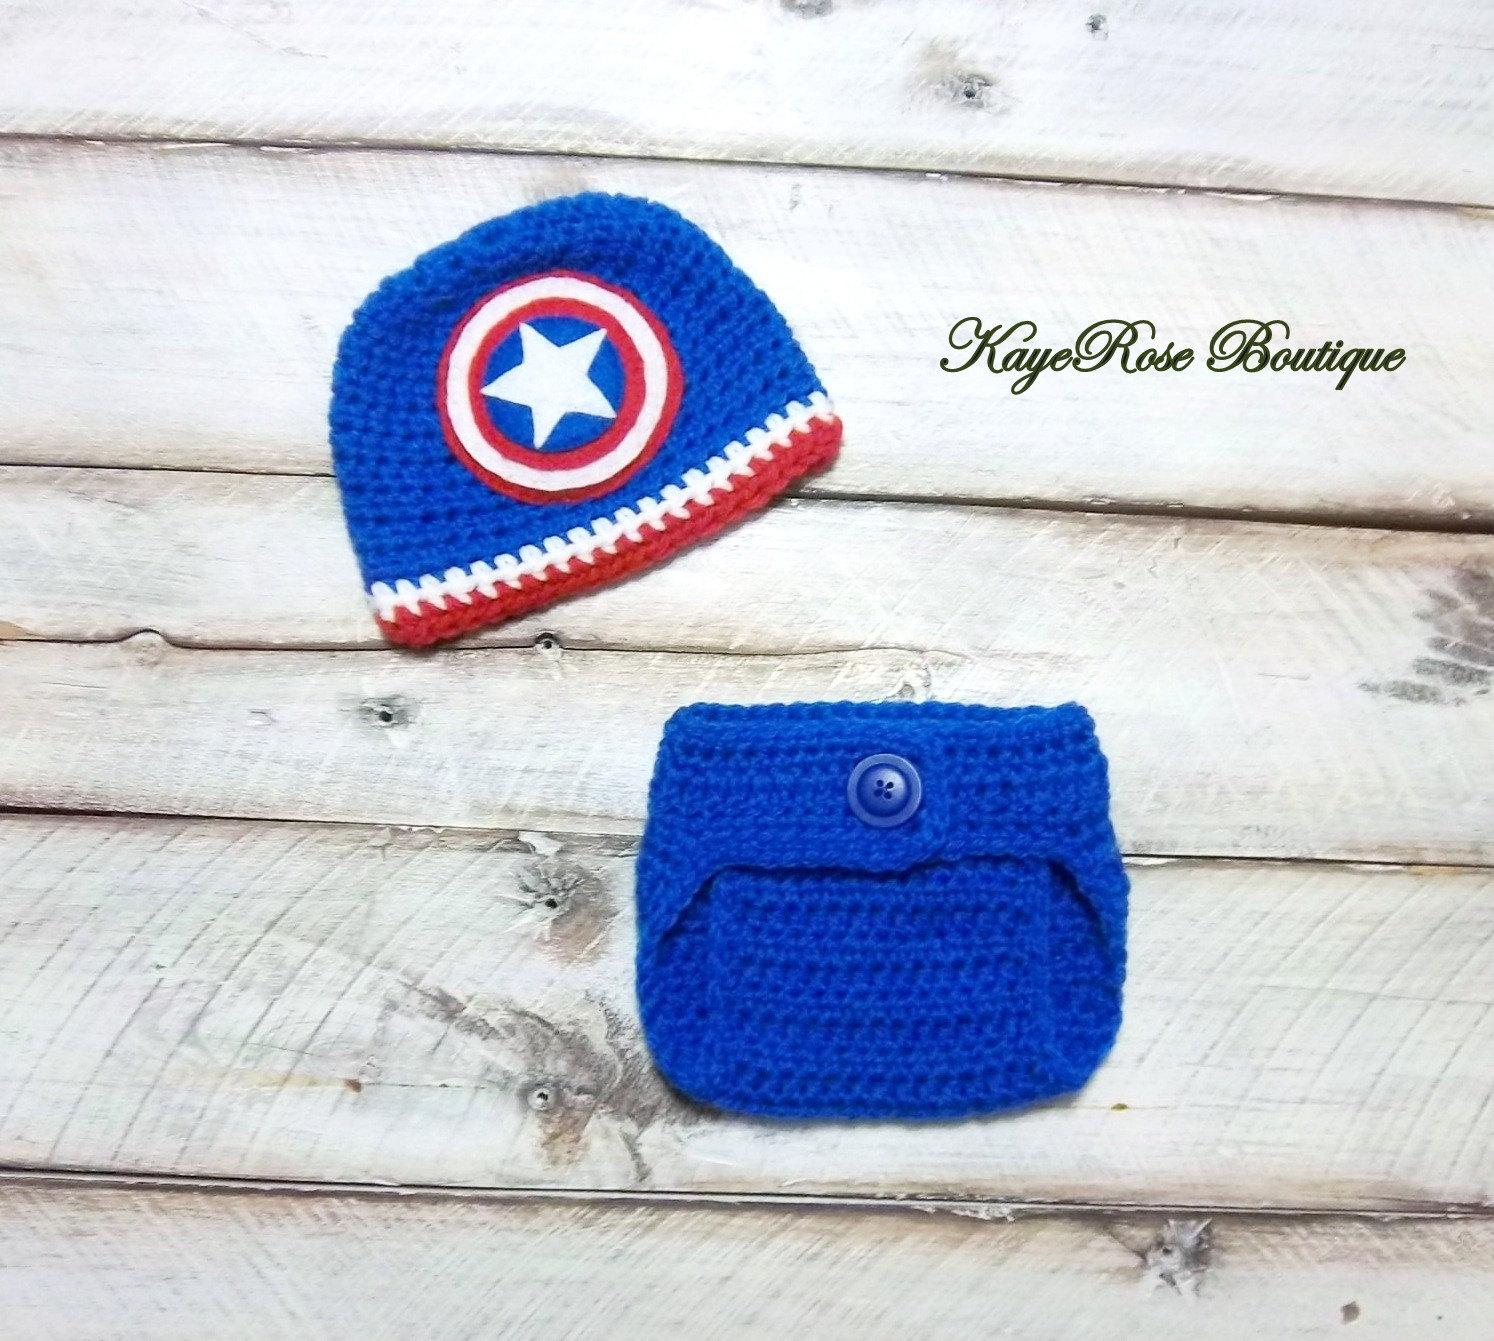 Pañal y Capitán América inspirado a tres meses de edad bebé | Etsy